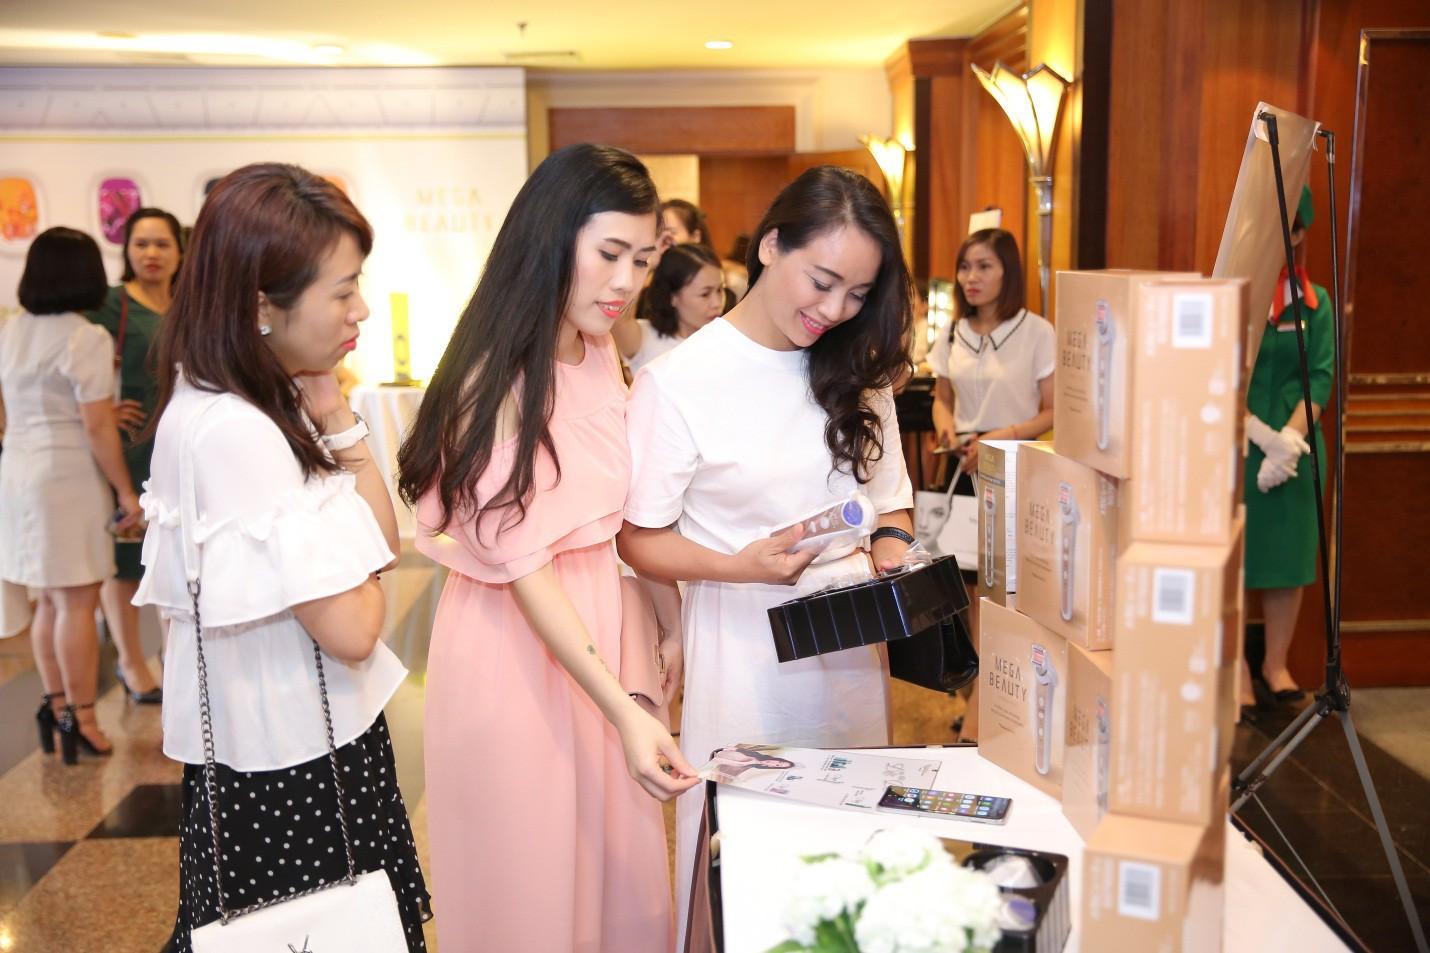 Bất ngờ kép đến từ Naris: Đại sứ thương hiệu Đỗ Mỹ Linh, tuyệt tác công nghệ làm đẹp Nhật Bản lần đầu có mặt tại Việt Nam - Ảnh 9.